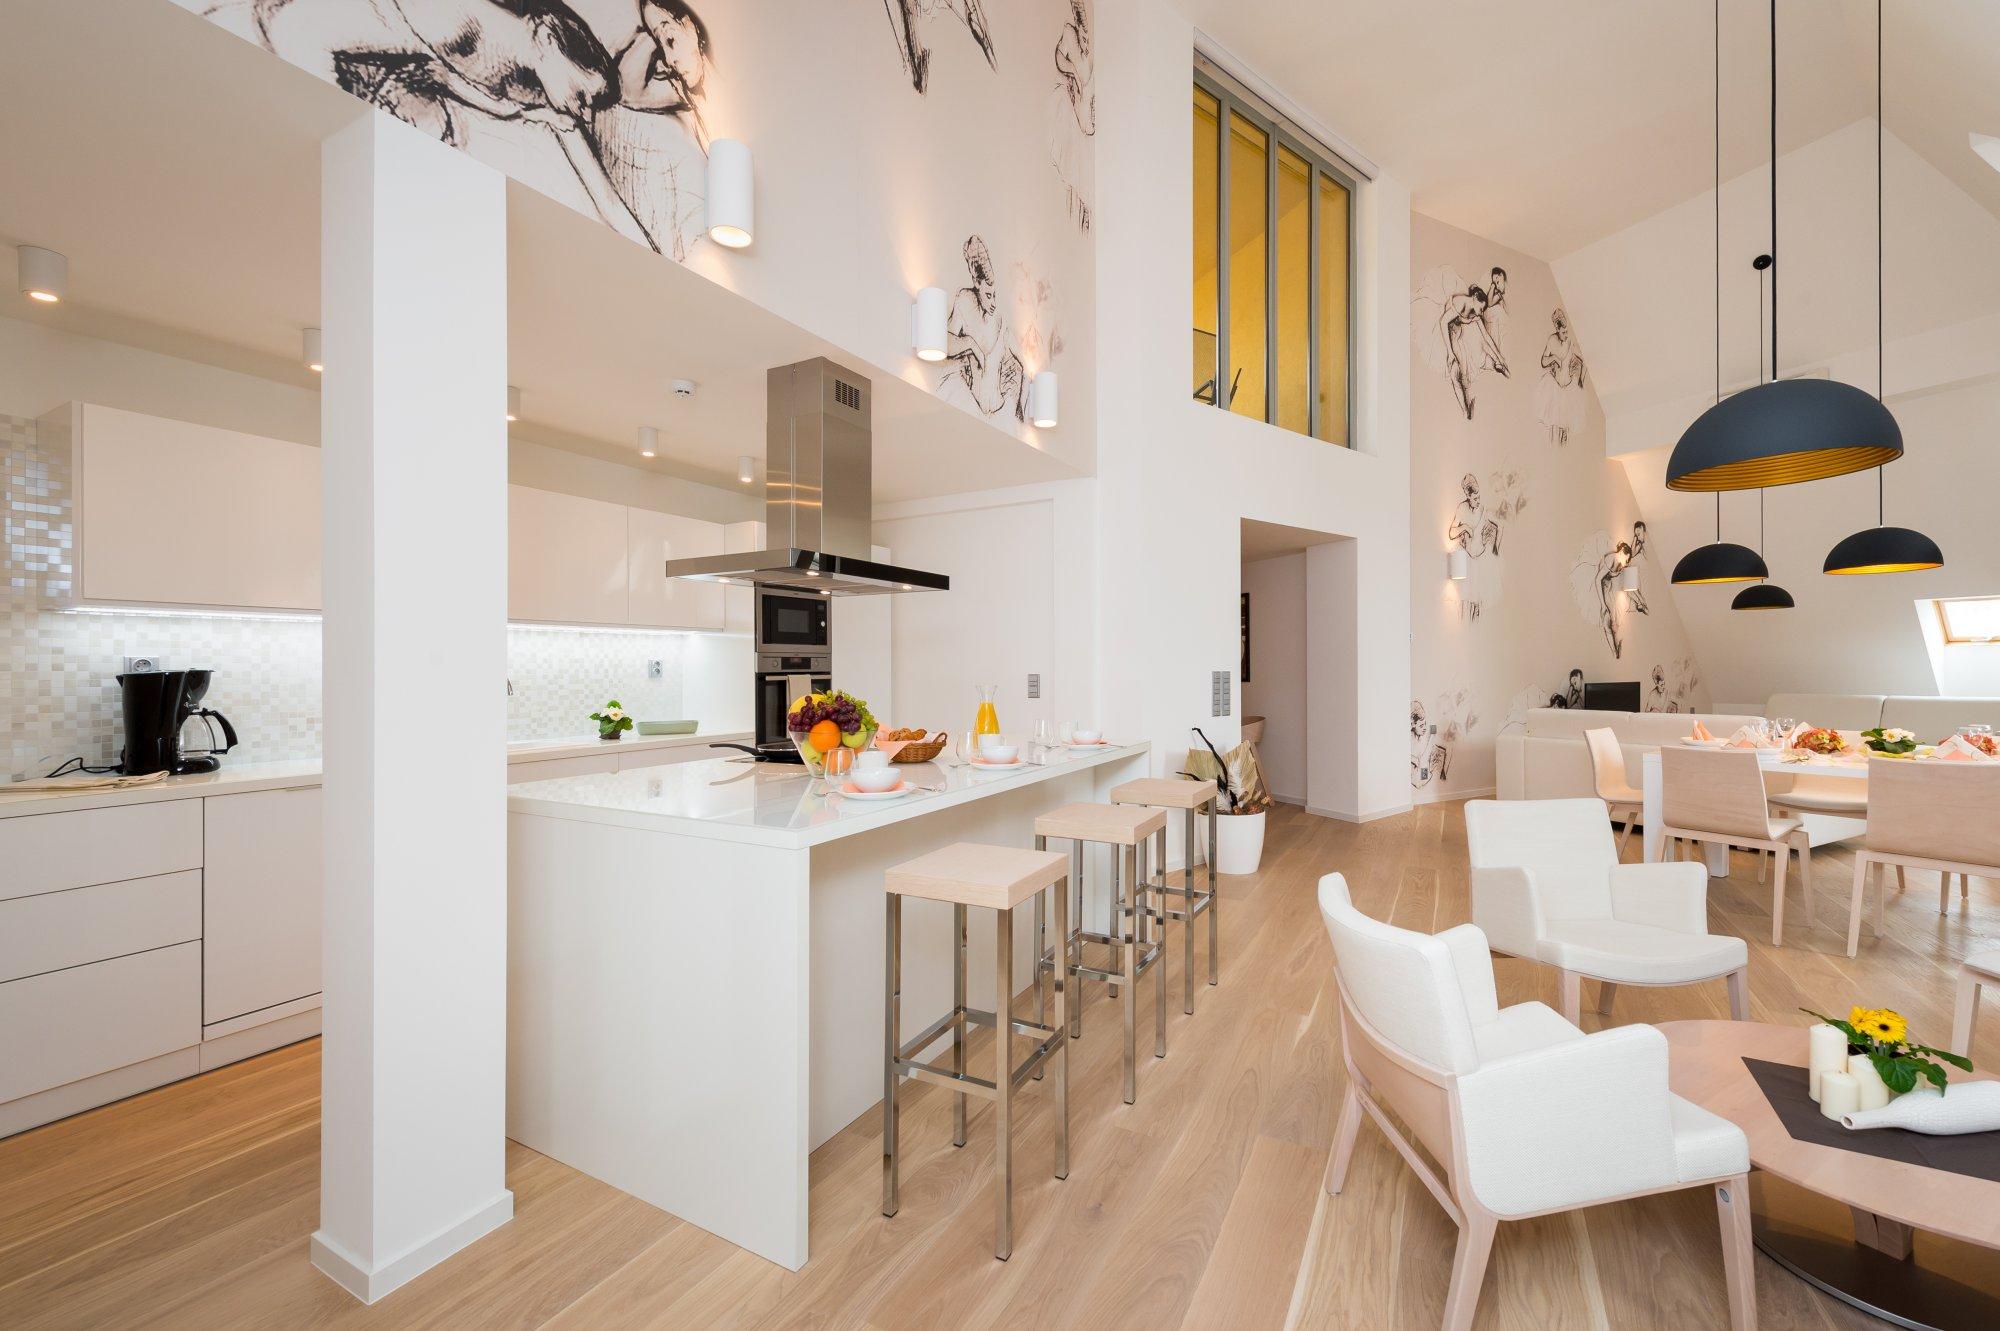 Půdní byt 5+kk, plocha 208 m², ulice Vodičkova, Praha 1 - Nové Město | 1